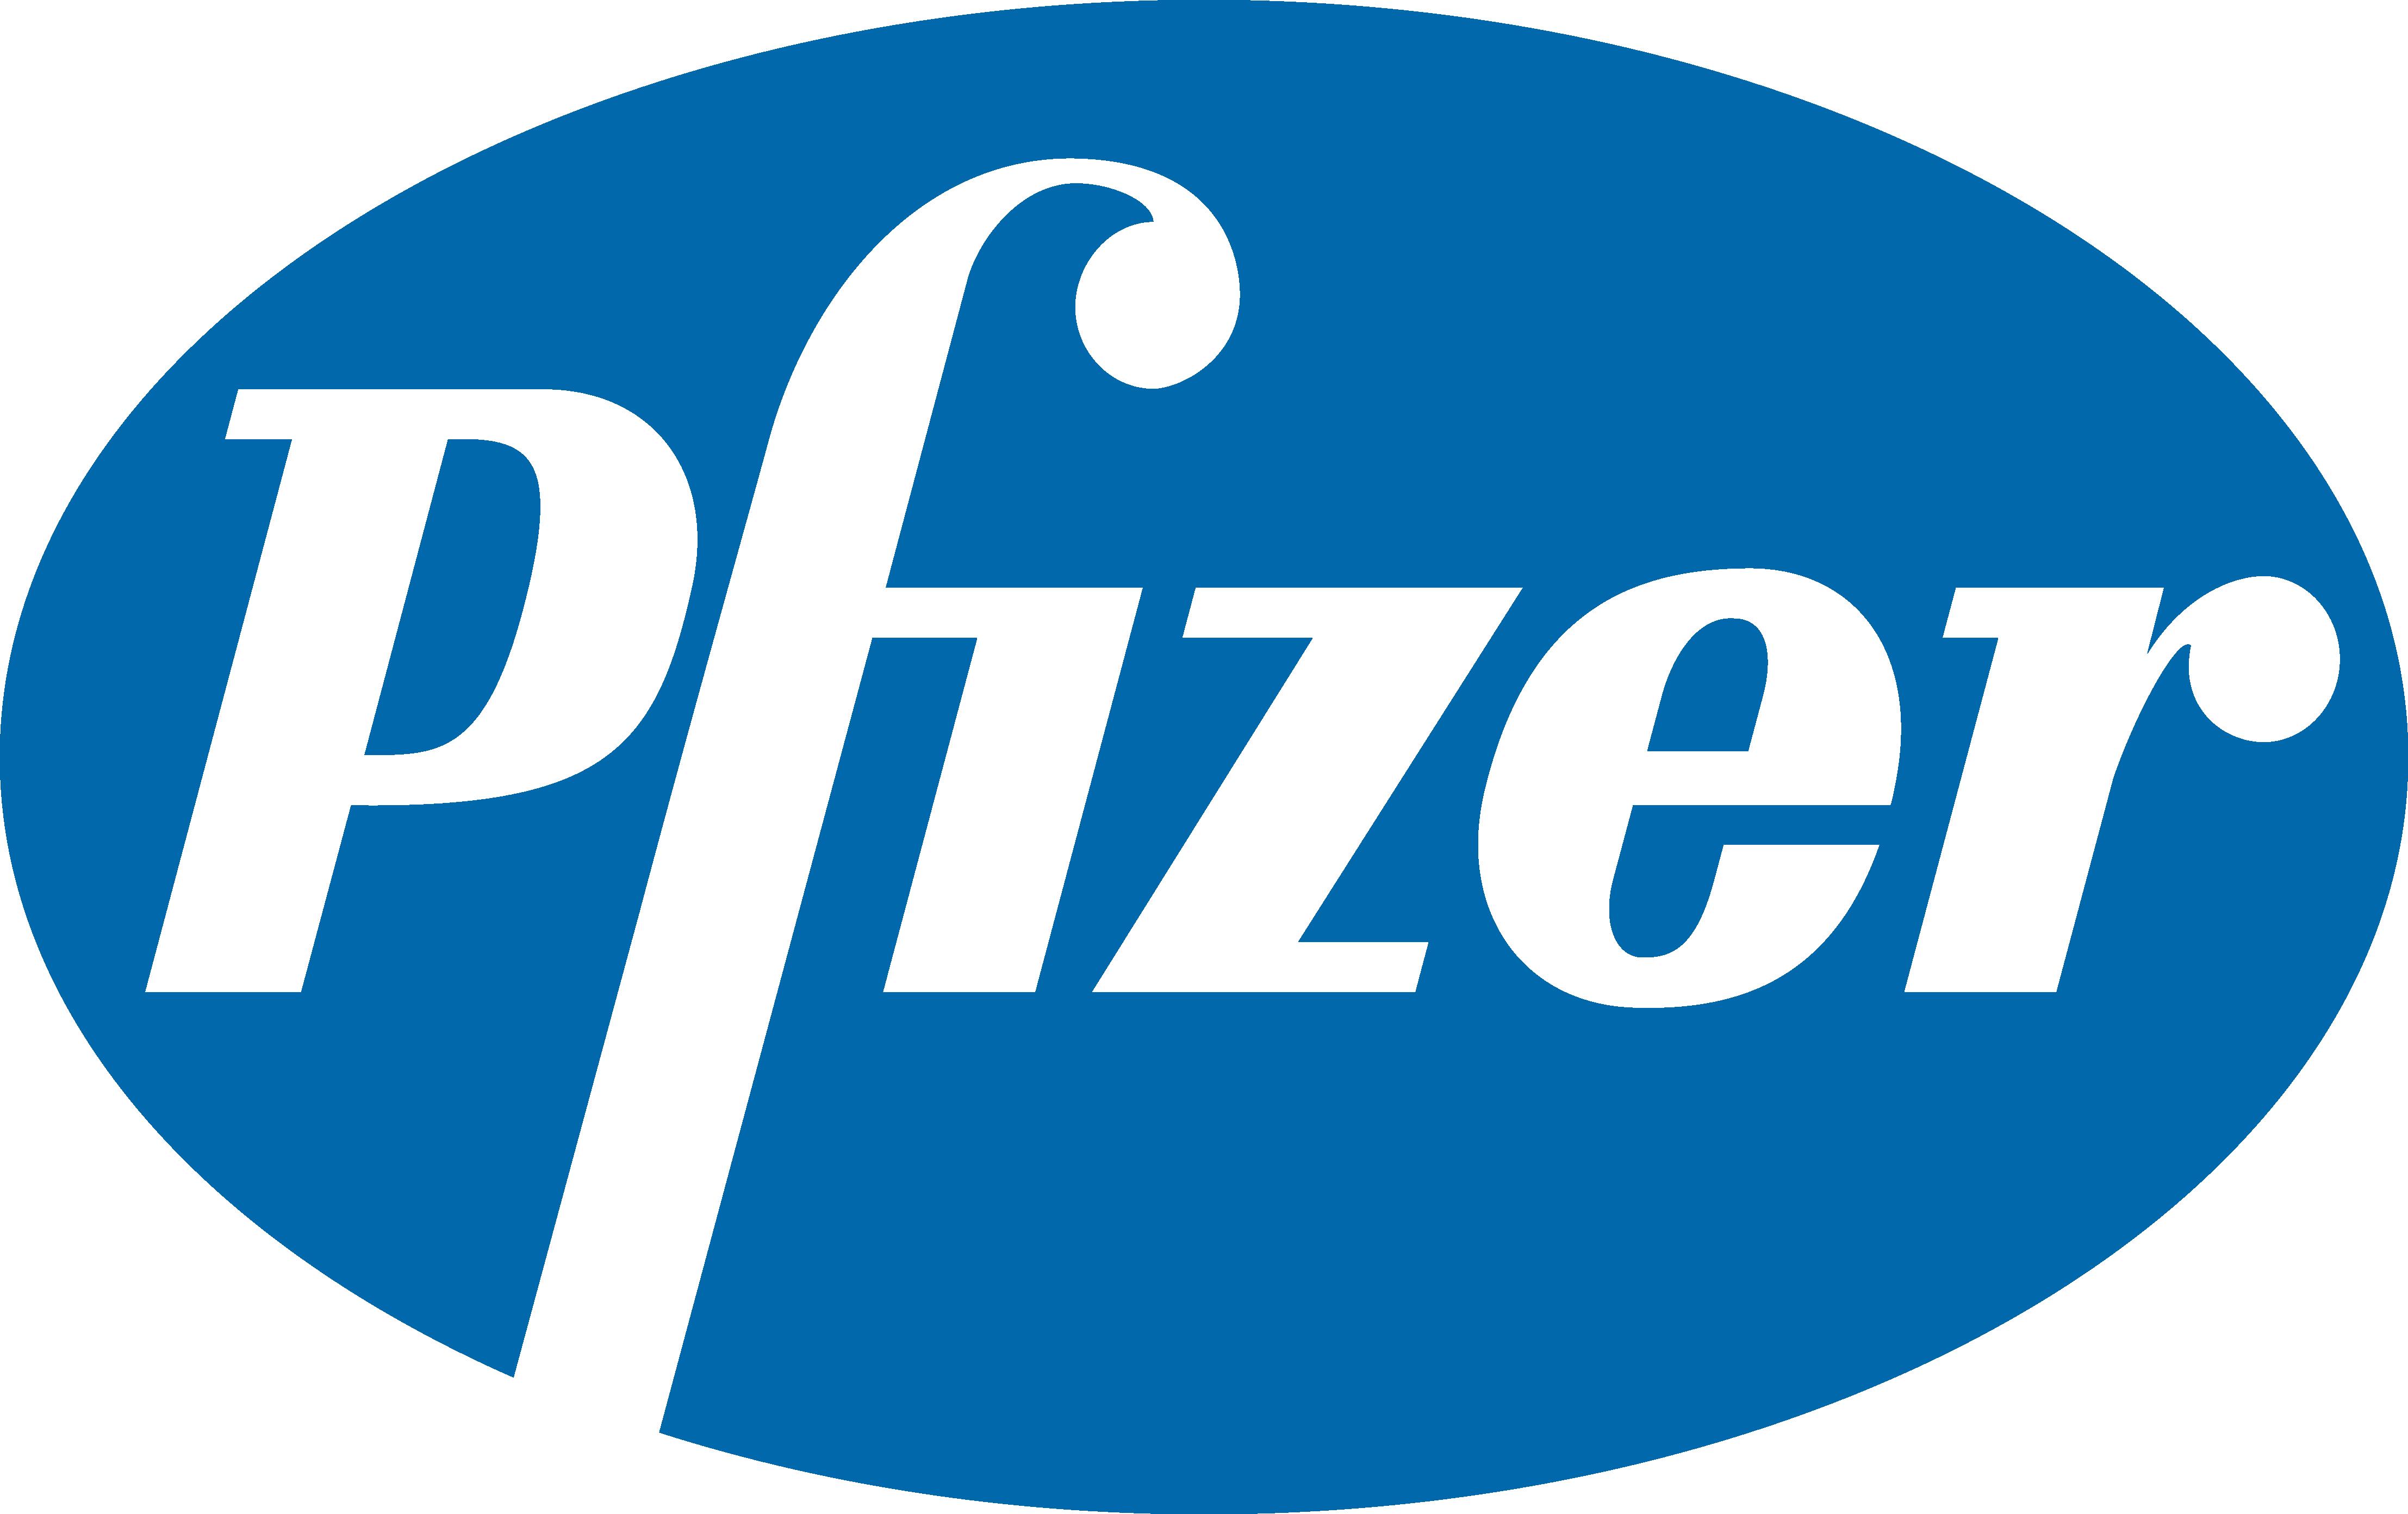 Pfizer Fire Safety Case Study by FirePro